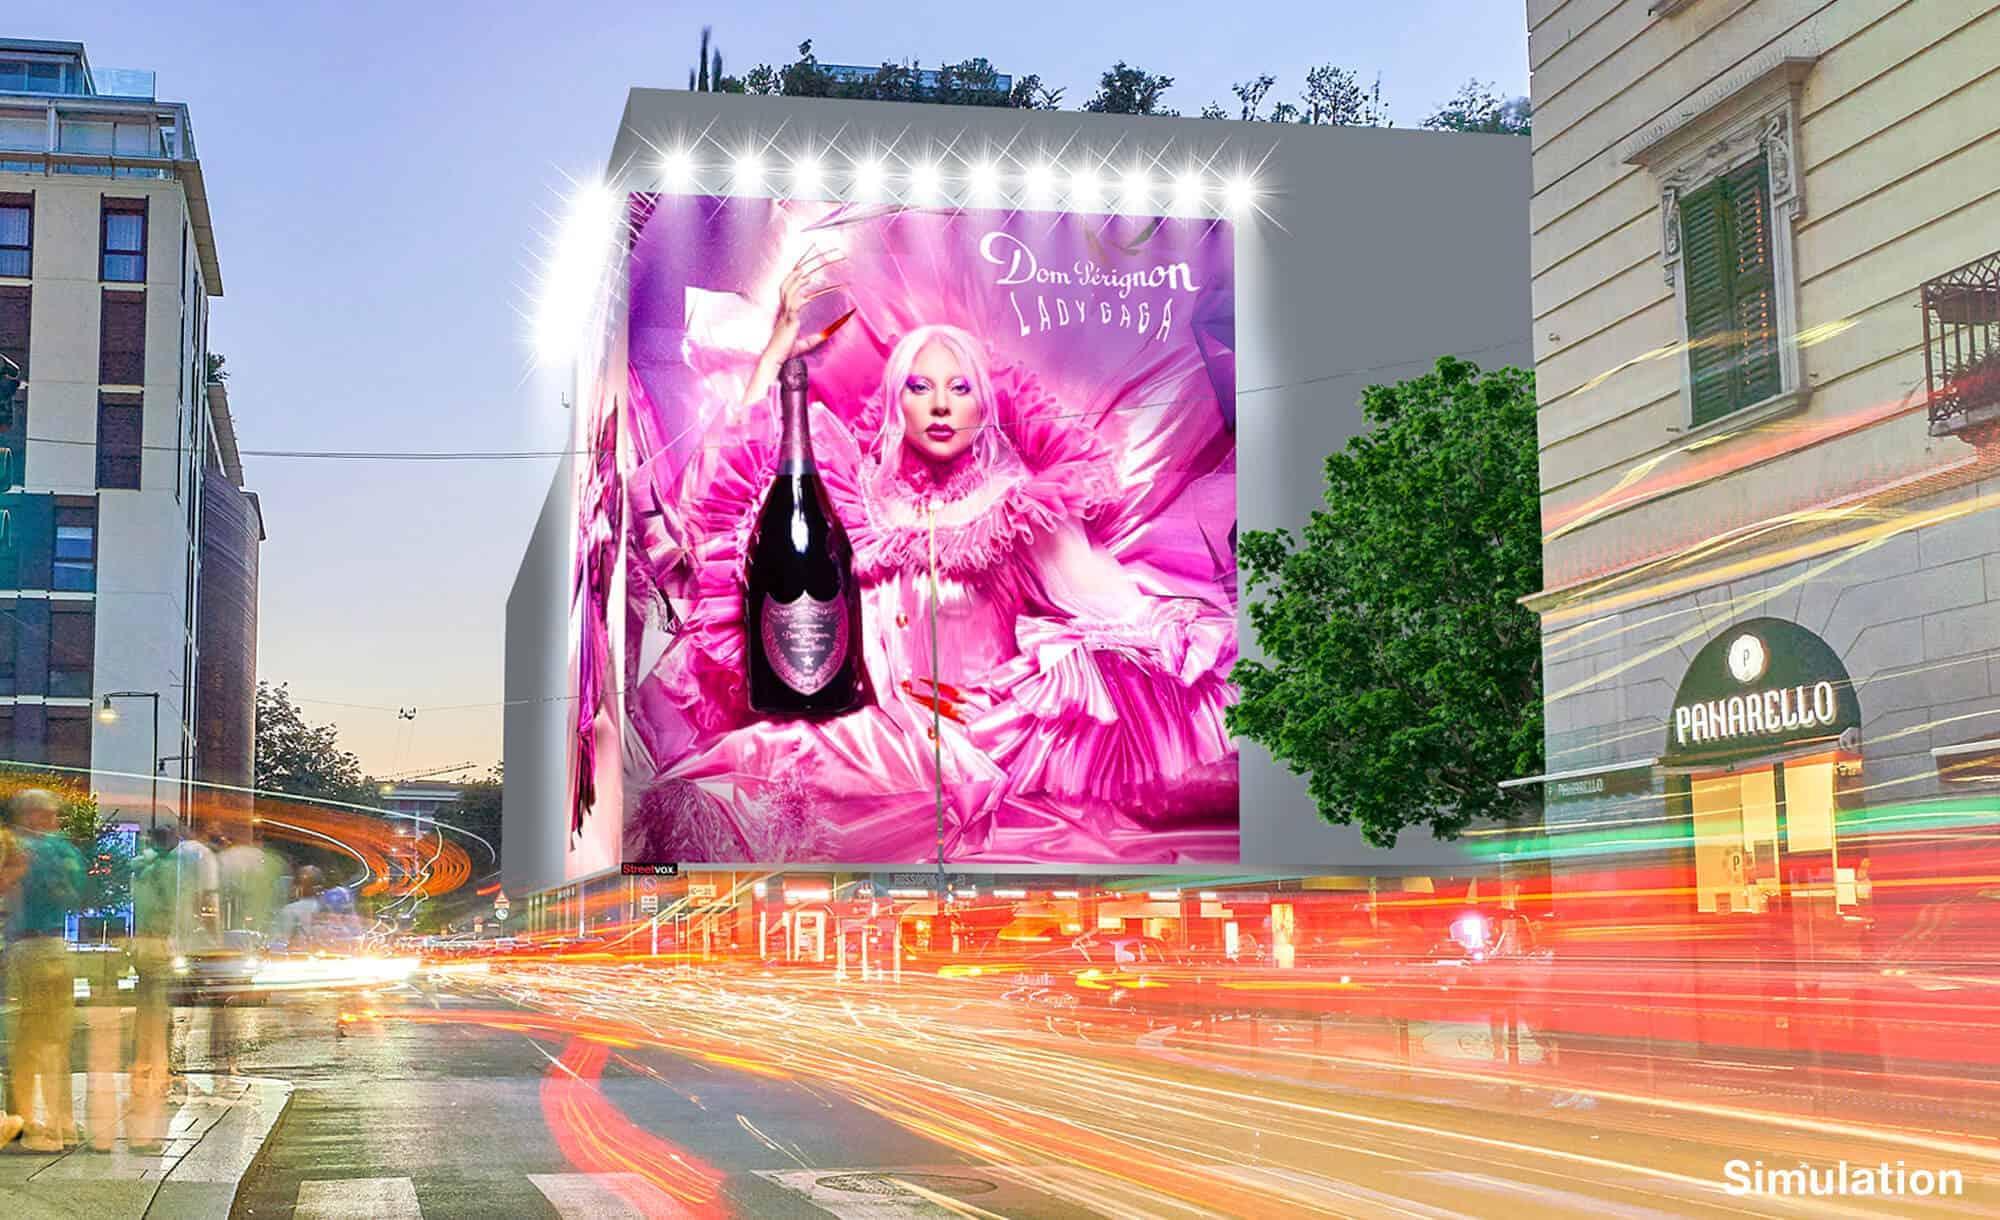 Maxi Affissione a Milano in Via Moscova 58 con Dom Perignon (Beverage)